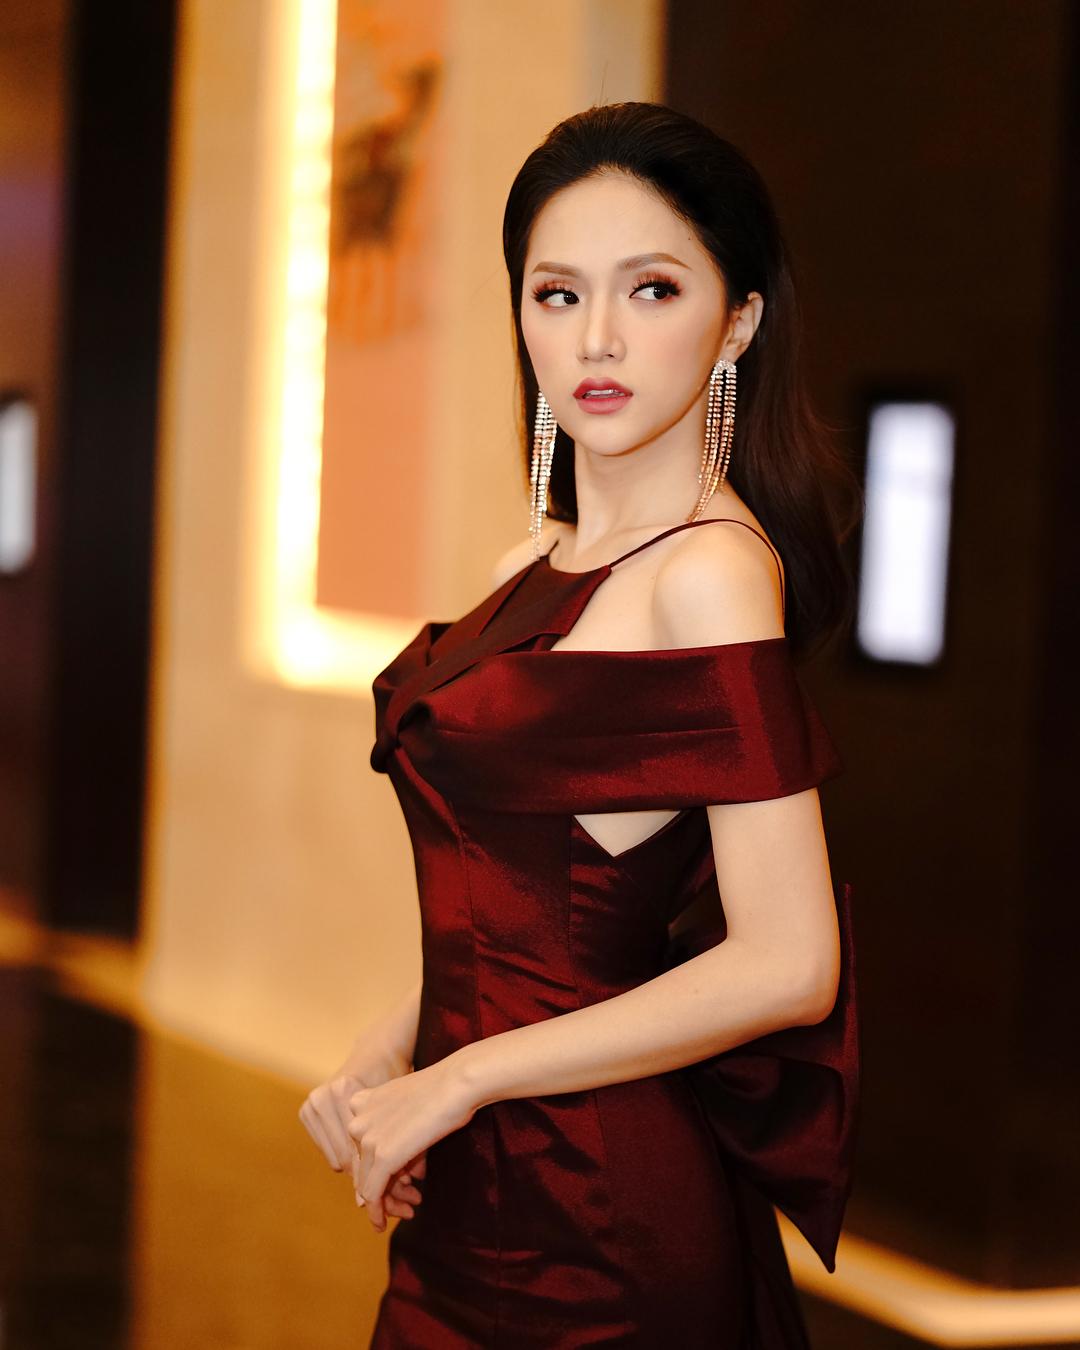 Hoa hậu chuyển giới Hương Giang cũng áp dụng thành công công thức mắt-môi-má cùng màu. Và kiểu trang điểm này còn match tuyệt đối với bộ đầm điệu đà mà cô đang diện.